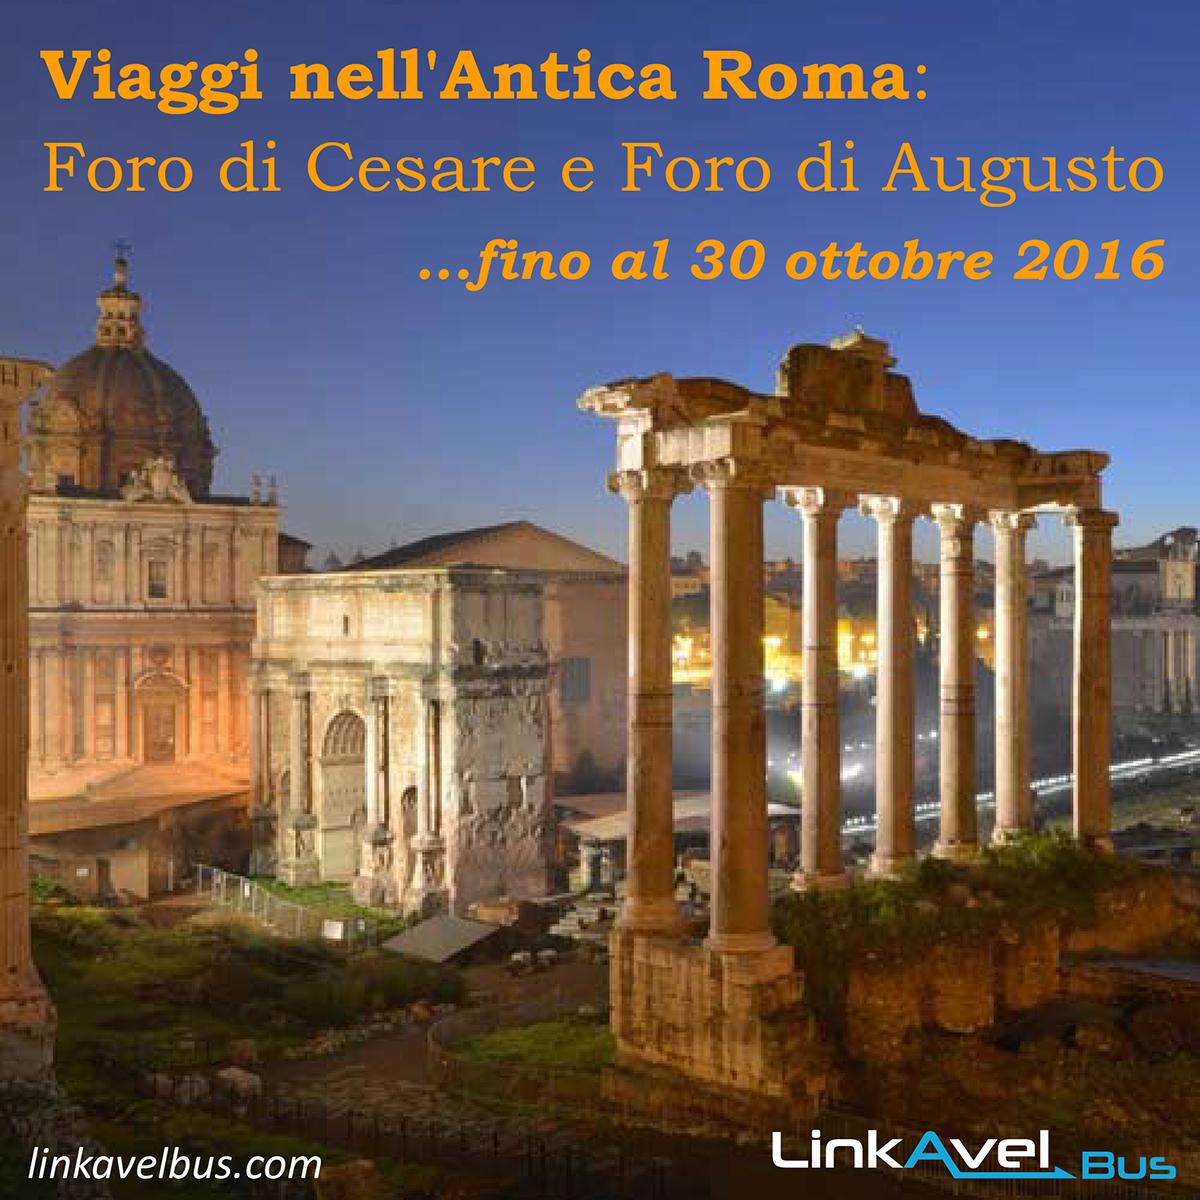 Post Viaggi nell'Antica Roma - fino al 30 Ottobre 2016